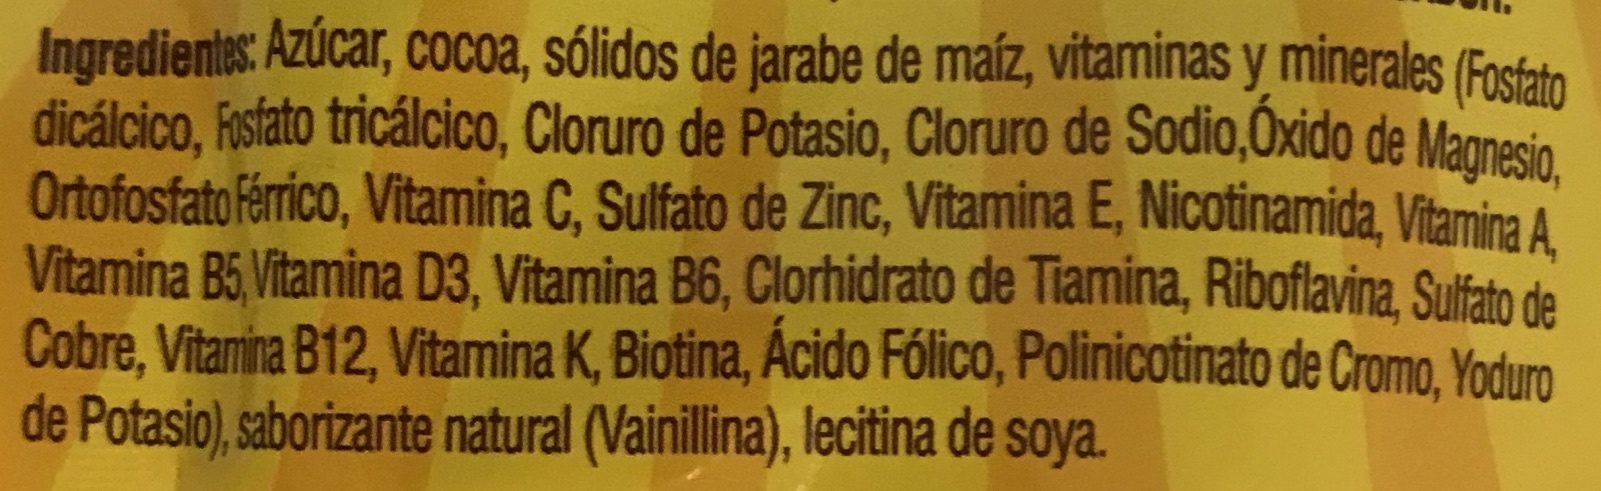 Chocolate en polvo - Ingredientes - es